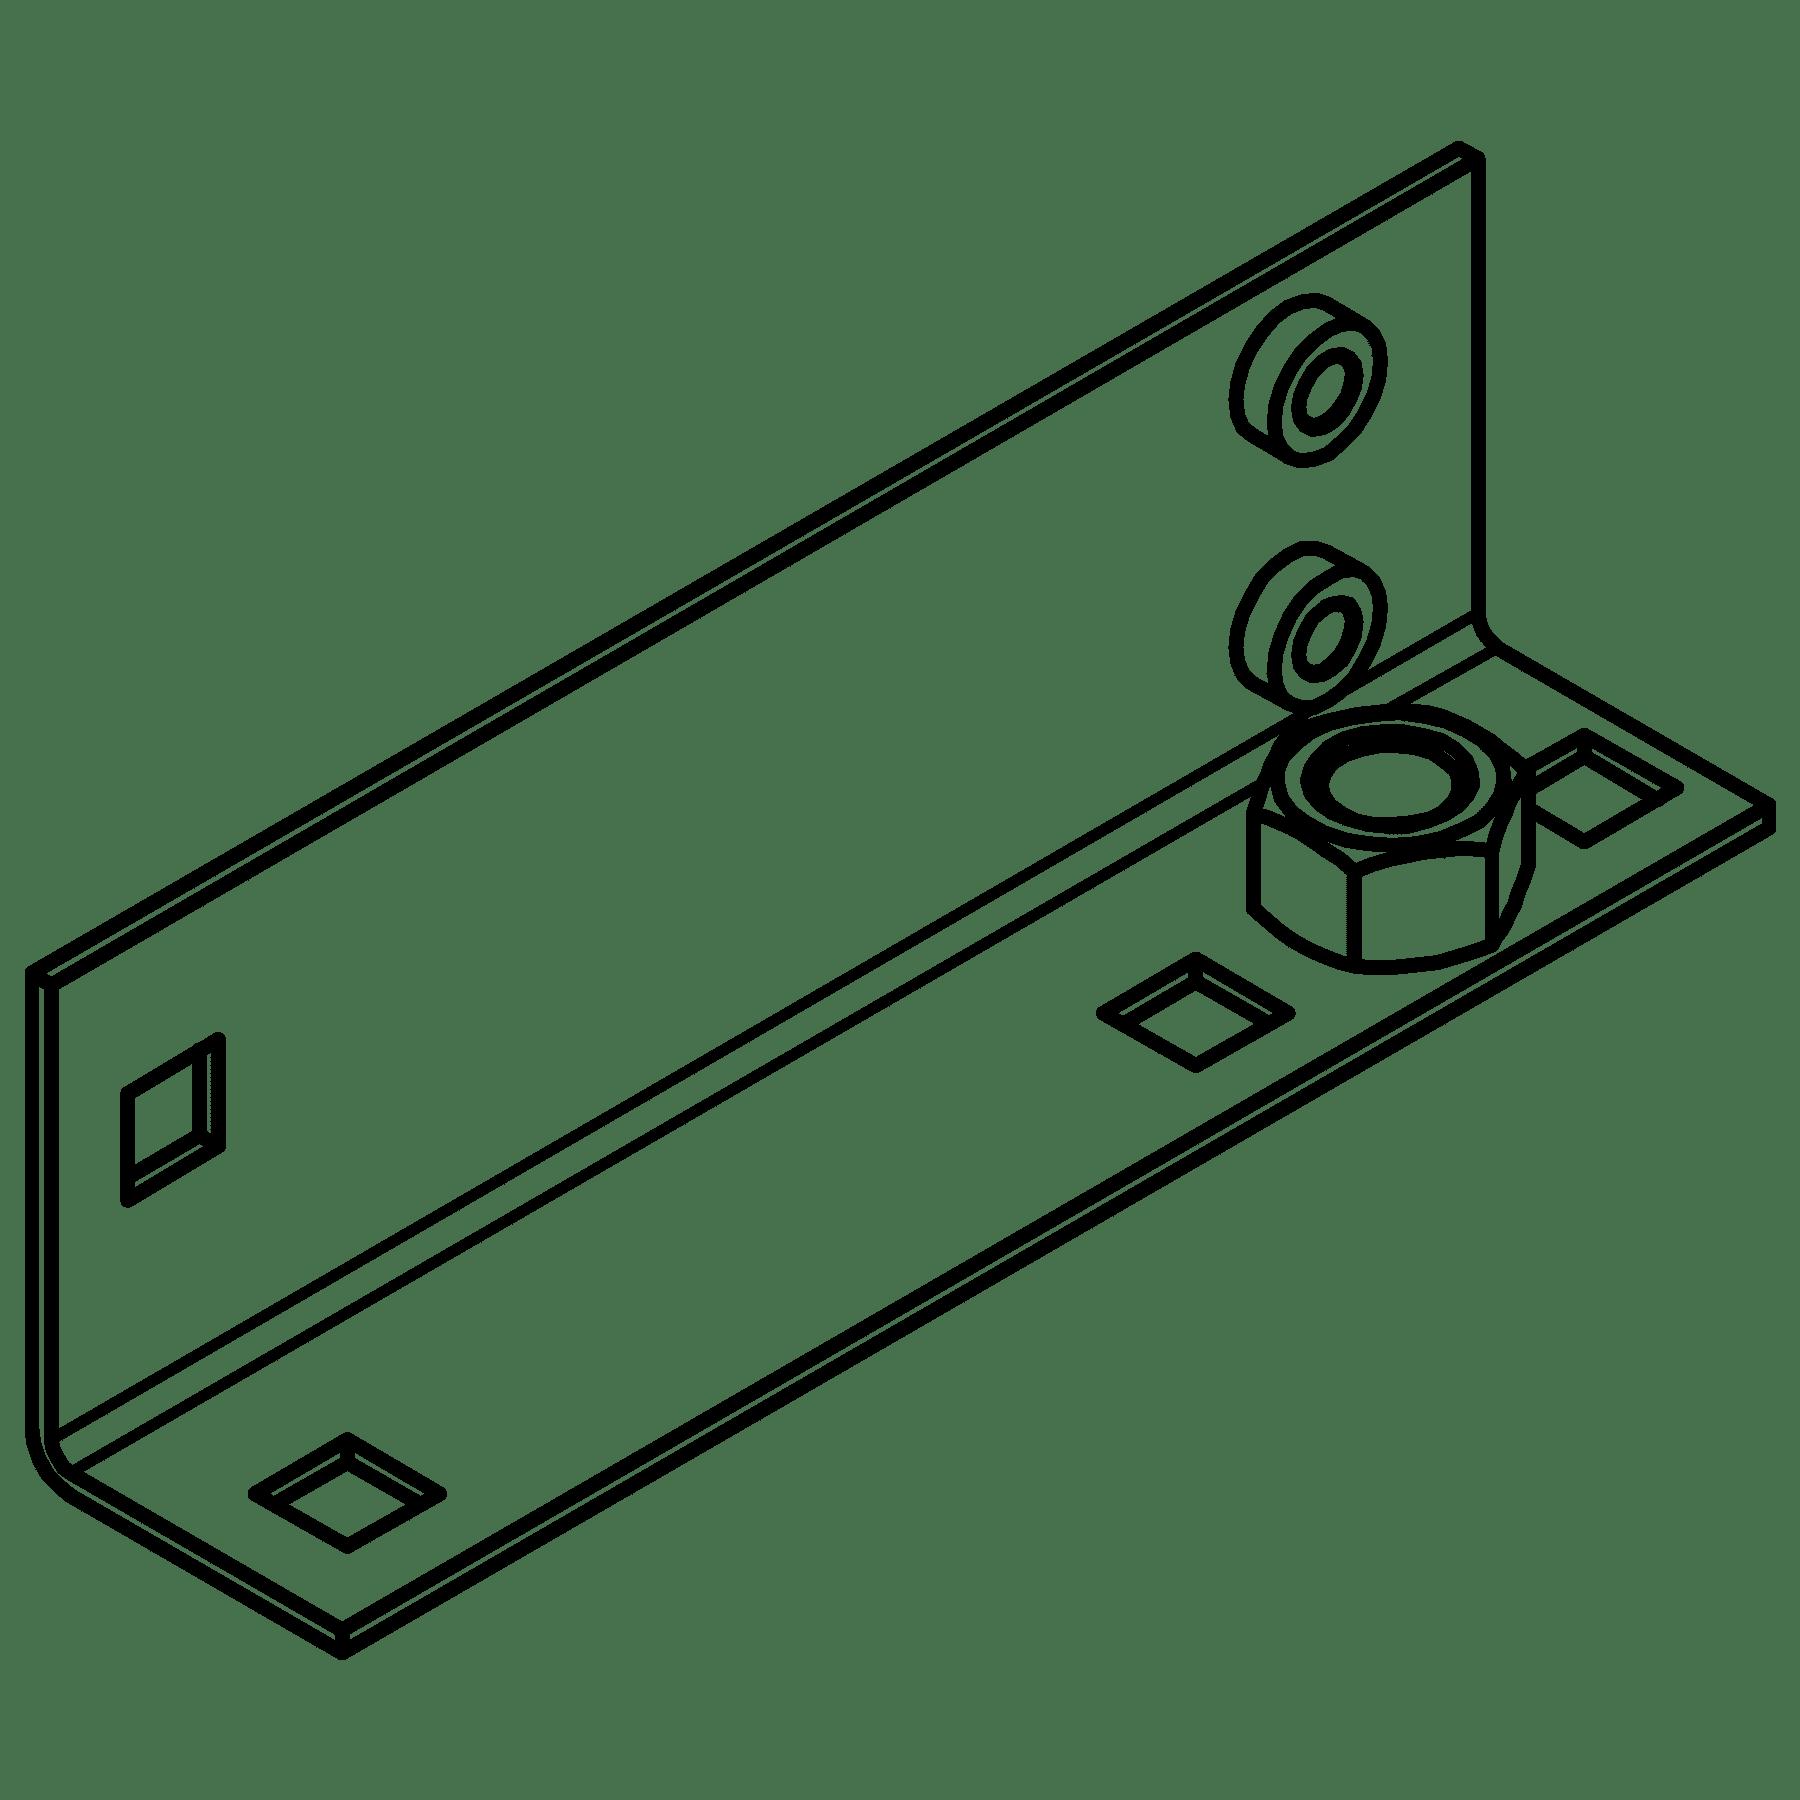 CA5630011 - MET L-bracket OPR3xx left side